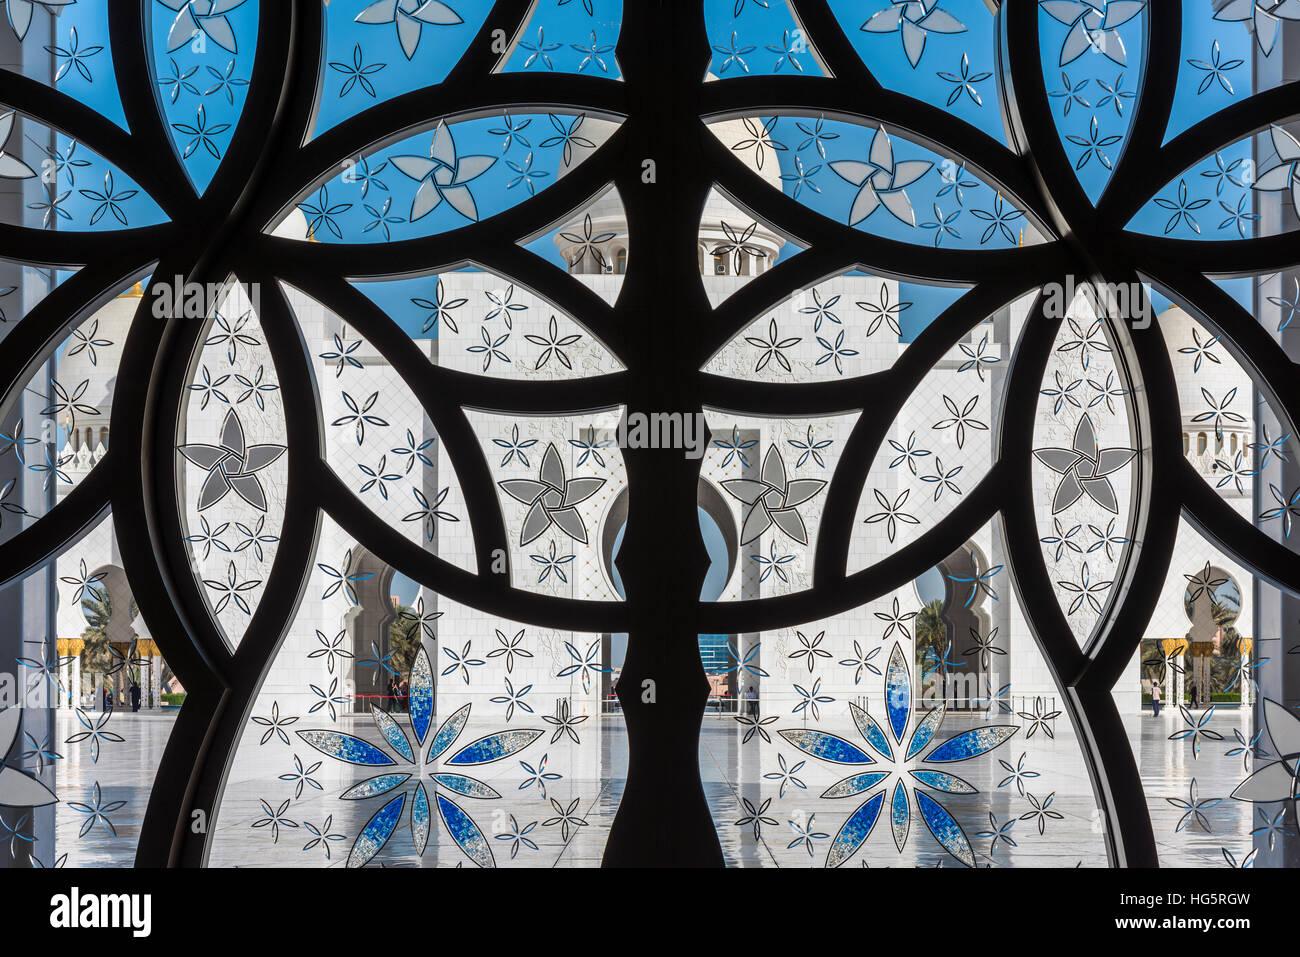 Cour intérieure de la mosquée Sheikh Zayed vu à travers un verre intérieur décoré, Photo Stock